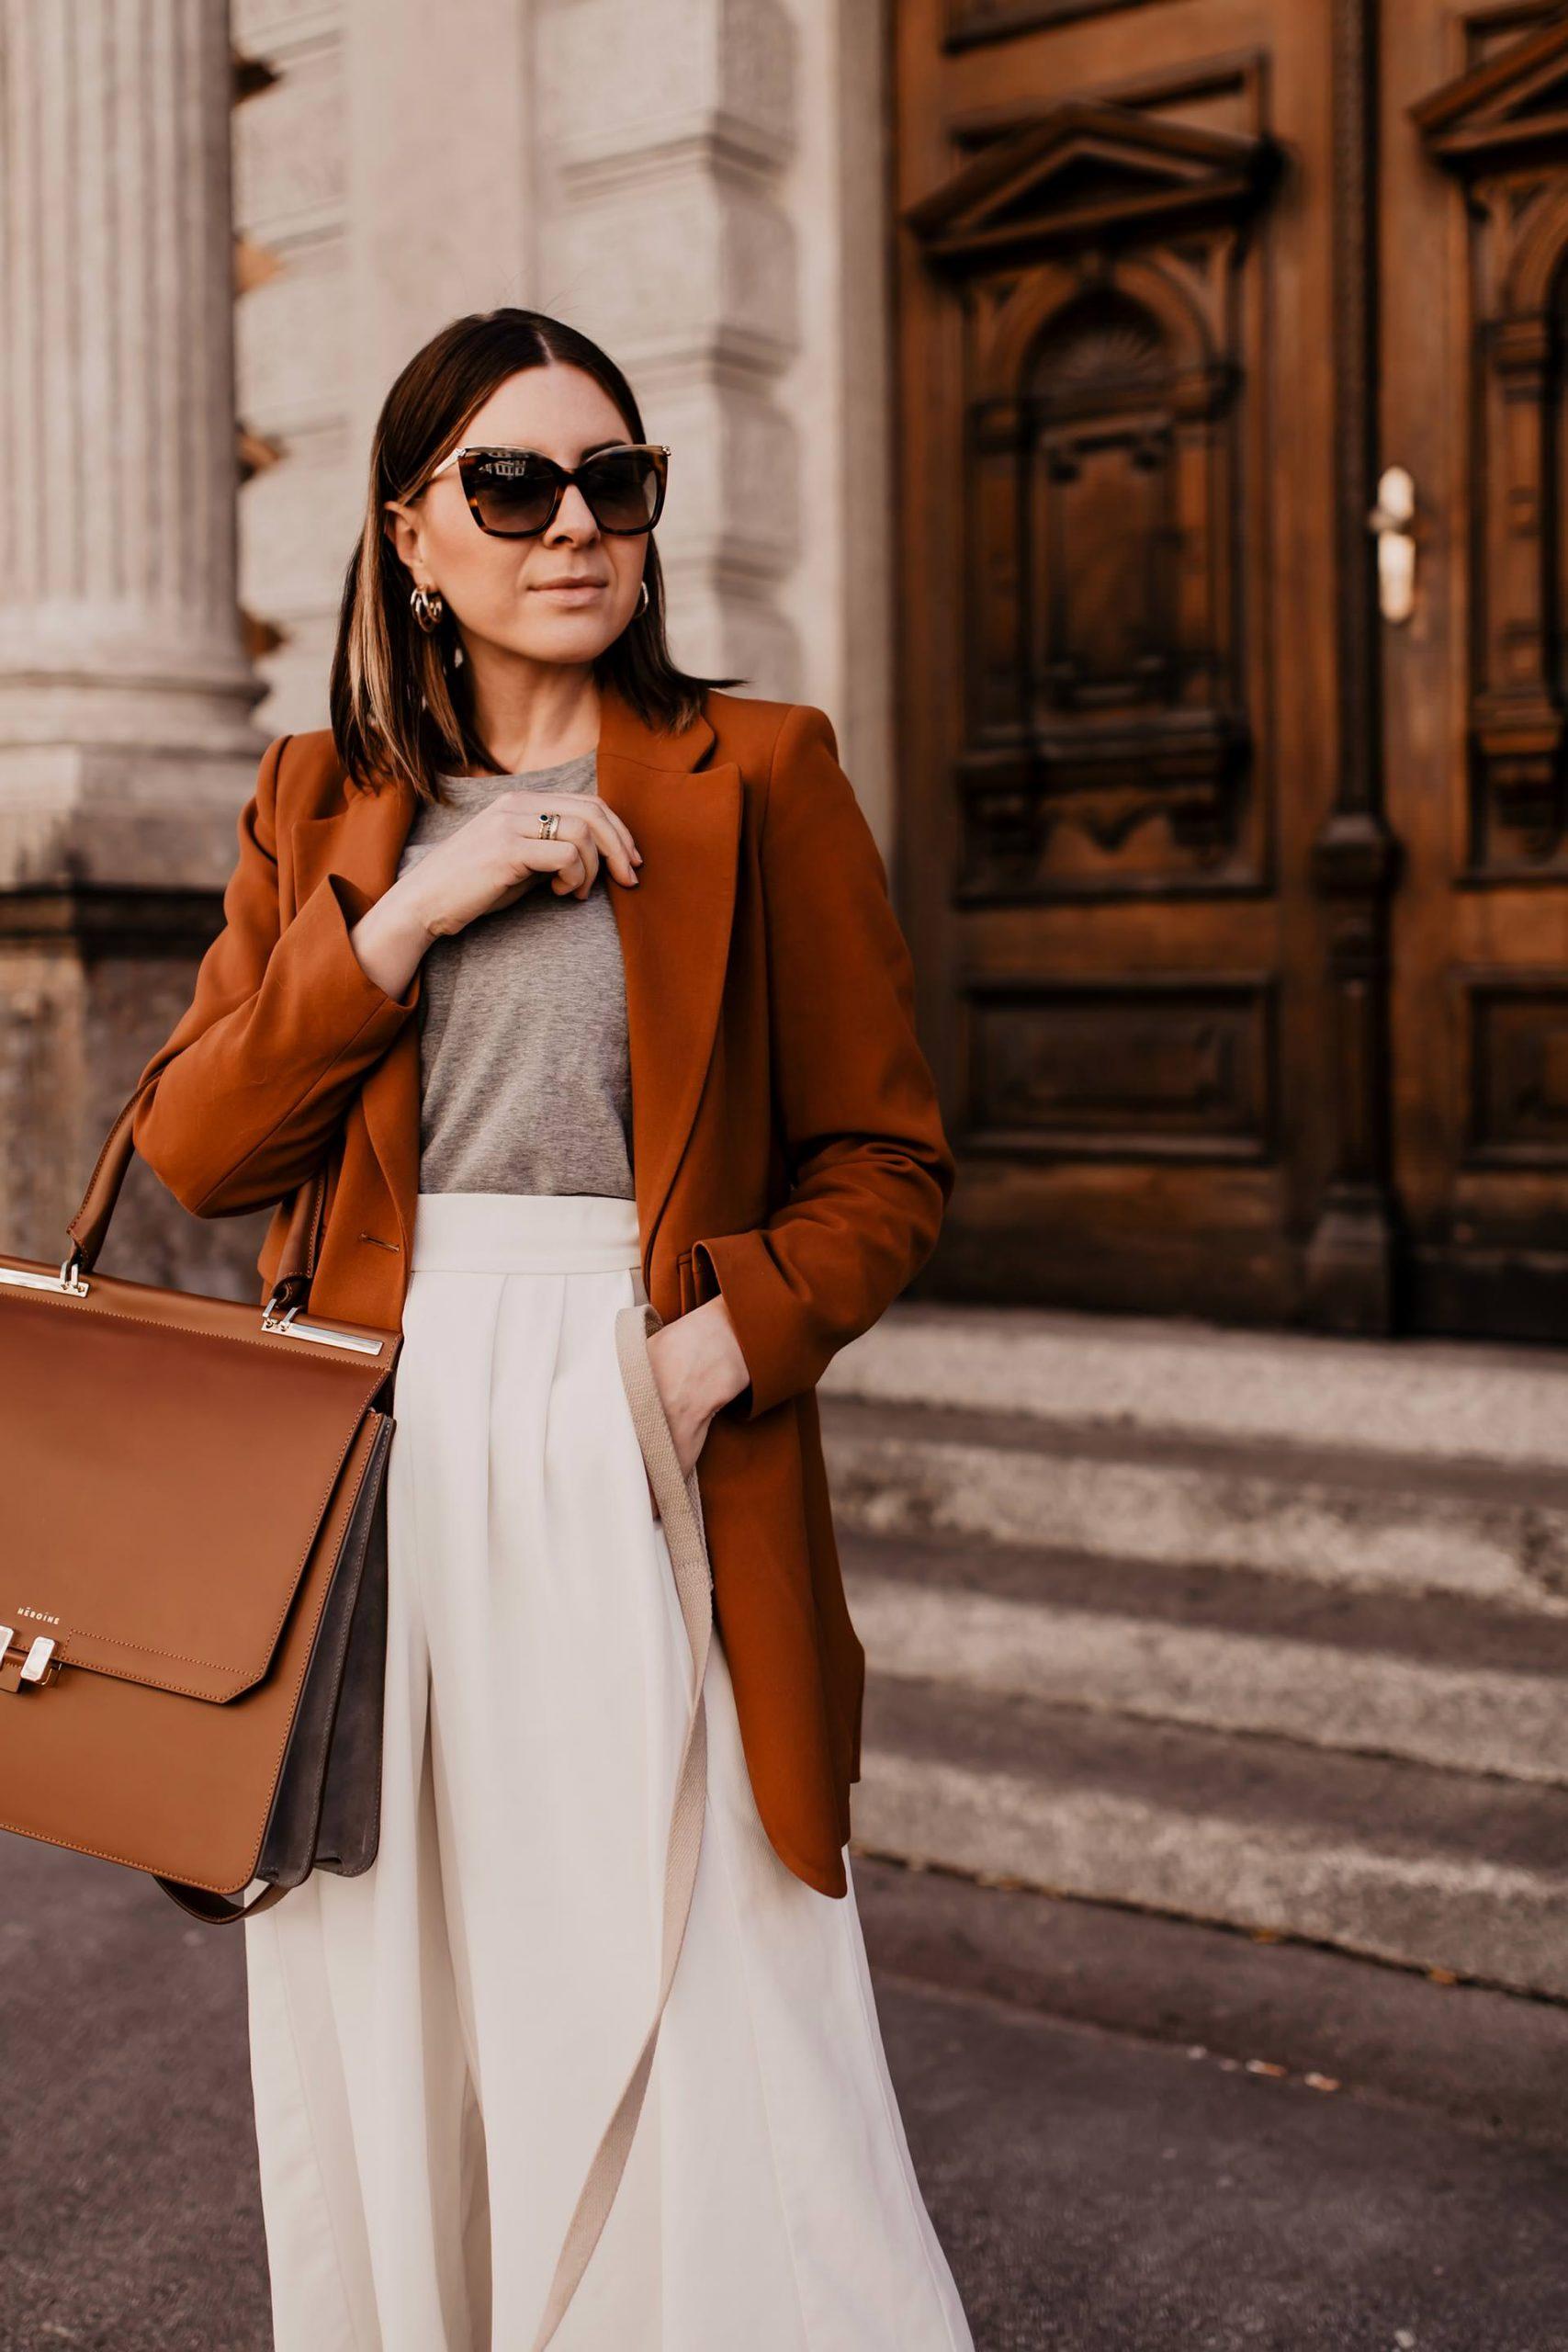 Anzeige. Die perfekte Handtasche fürs Büro zu finden klingt oft einfacher als gedacht. Sie musspraktisch sein, genug Platz für alle wichtigen Utensilien haben und dabei jedoch nicht übermäßig groß sein. Frau ist dabei auf der Suche nach einem Platzwunder mit sinnvollen Unterteilungen, nach einer Tasche die sich auf verschiedene Weisen tragen lässt undnicht zuletzt spielt natürlich auch die Optik der Business Bag eine entscheidende Rolle. www.whoismocca.com #bürotasche #laptoptasche #businessbag #officebag